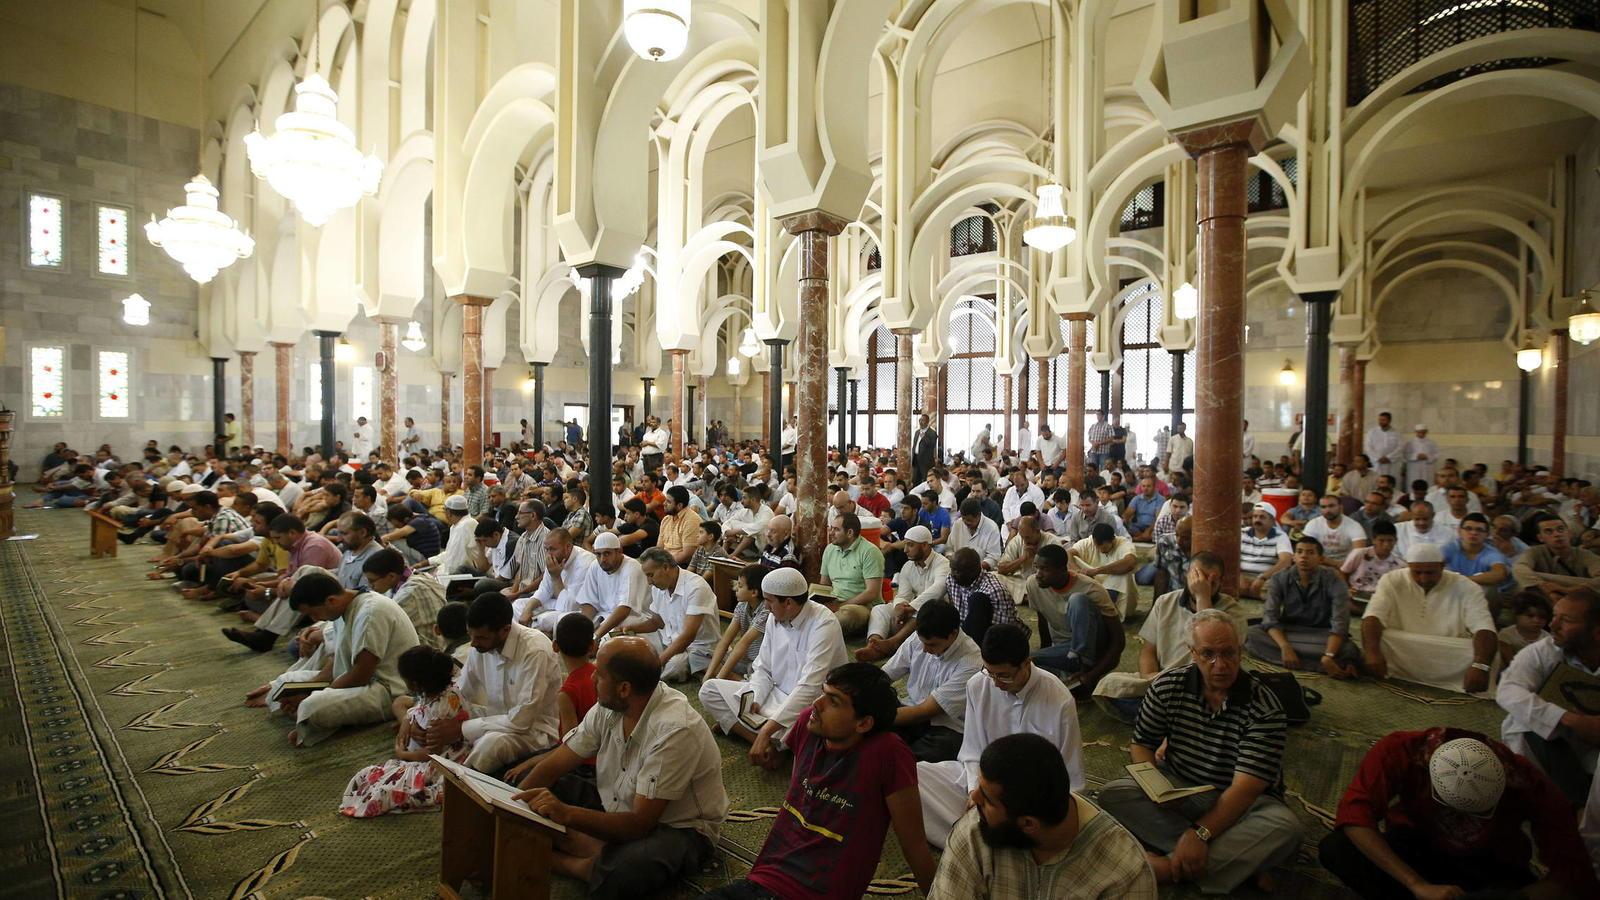 Científicas demuestran que una breve intervención psicológica reduce la hostilidad hacia los musulmanes